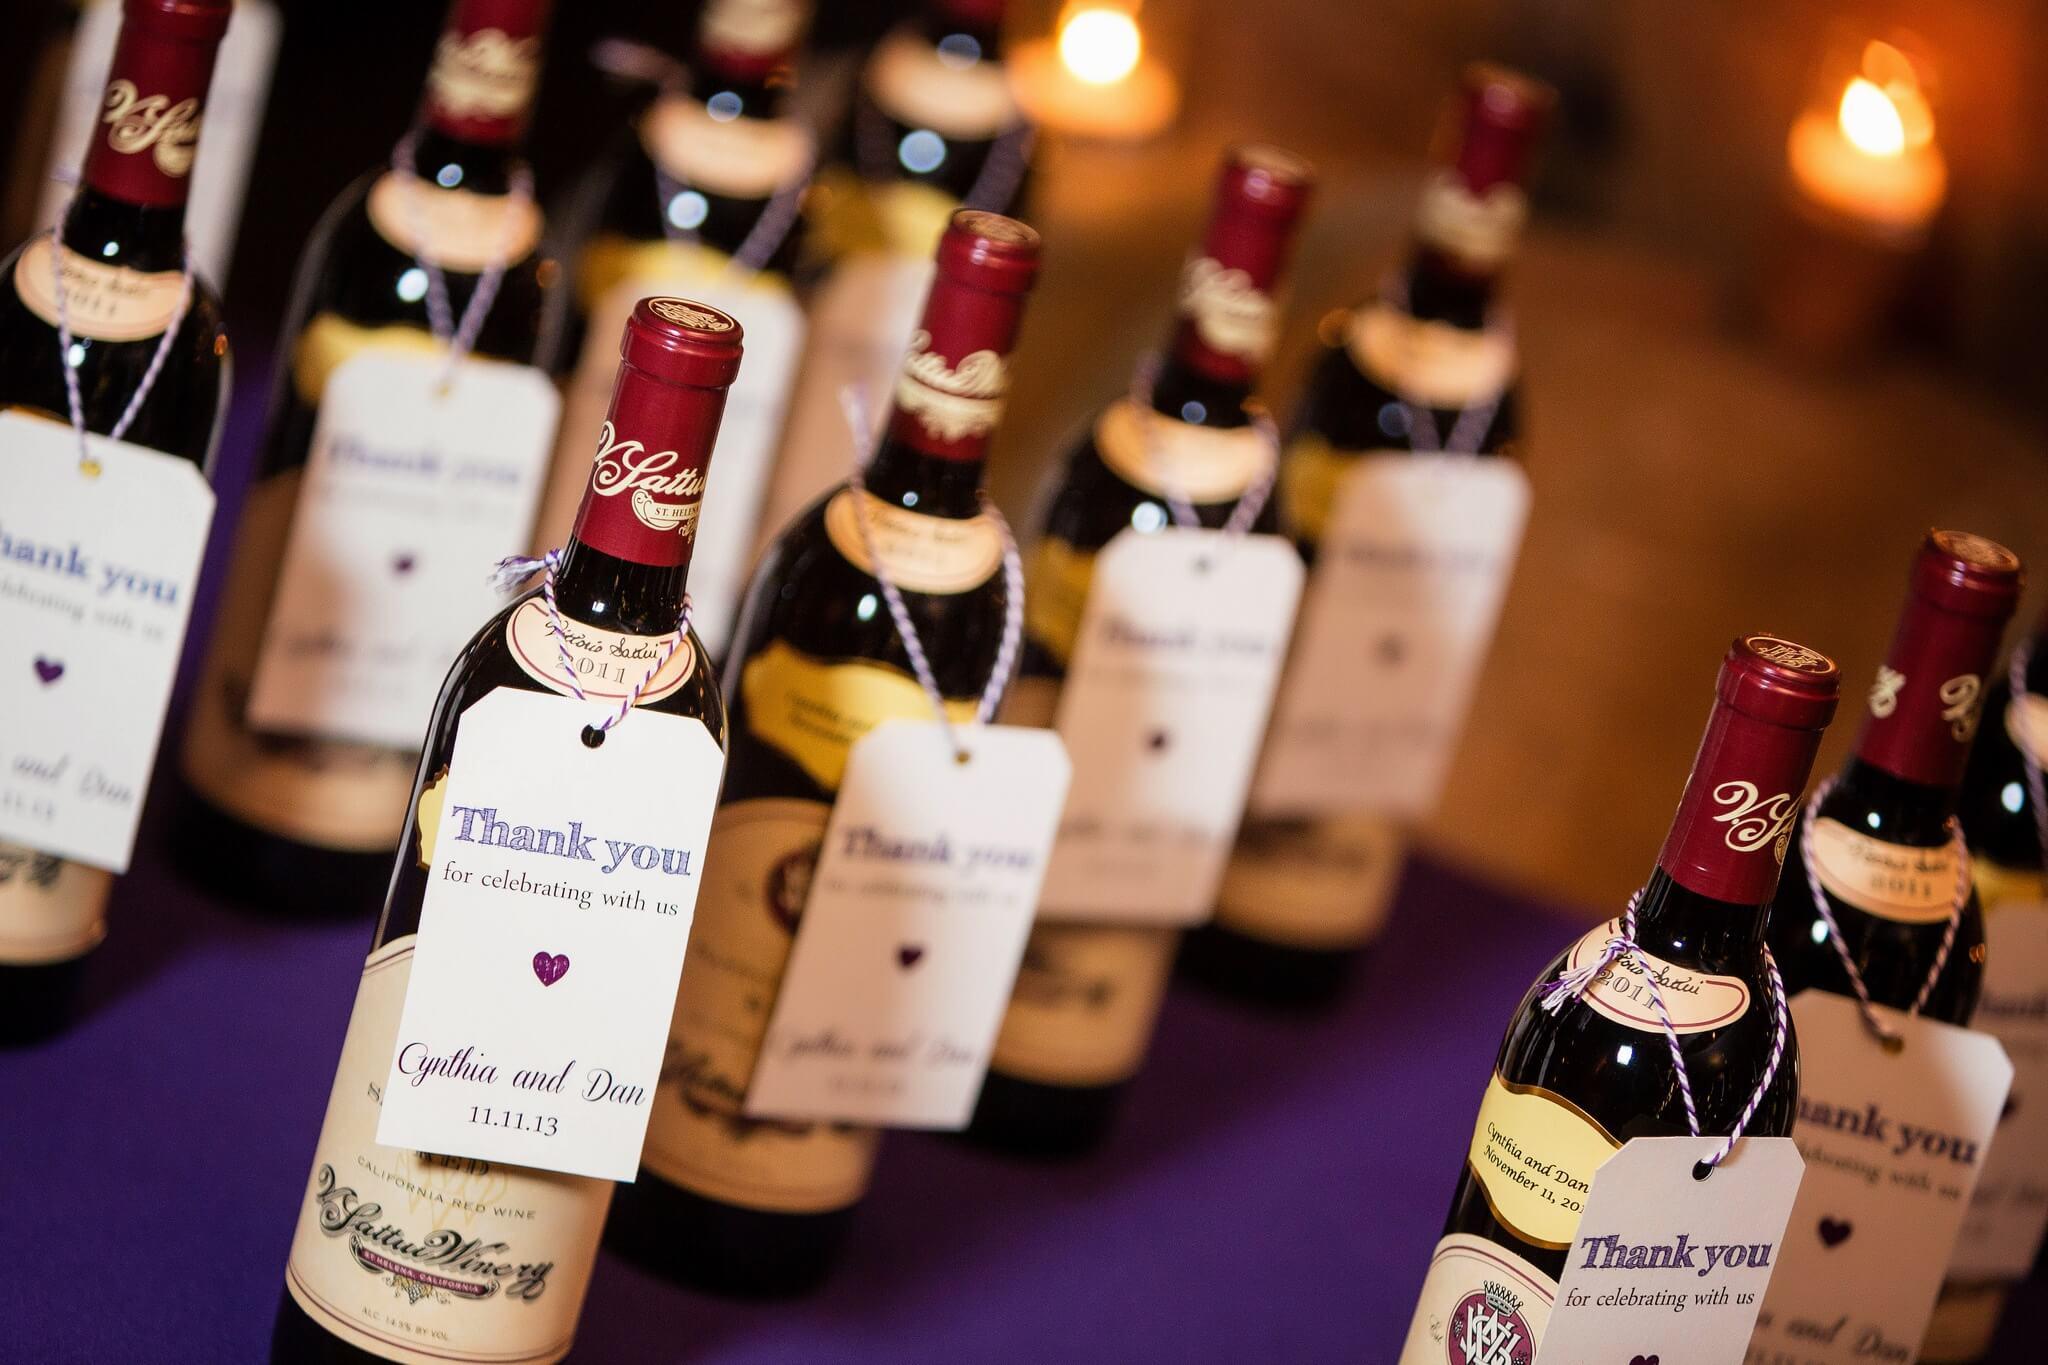 v sattui wedding, things to do in napa, things to do in st. helena, v sattui wedding, v sattui wines